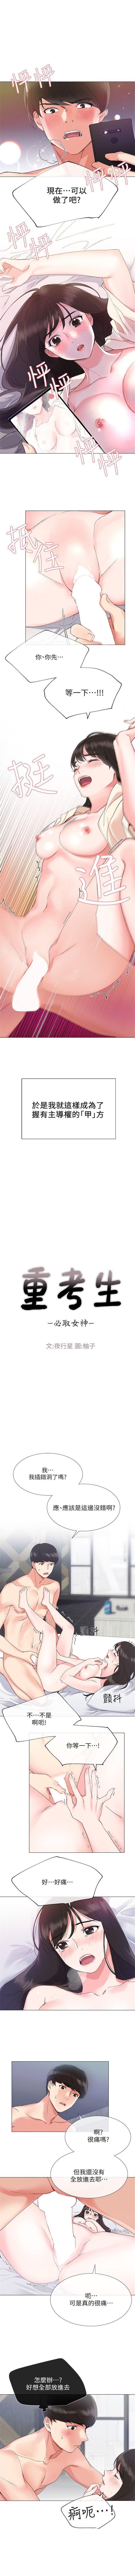 (週5)重考生 1-52 中文翻譯(更新中) 15